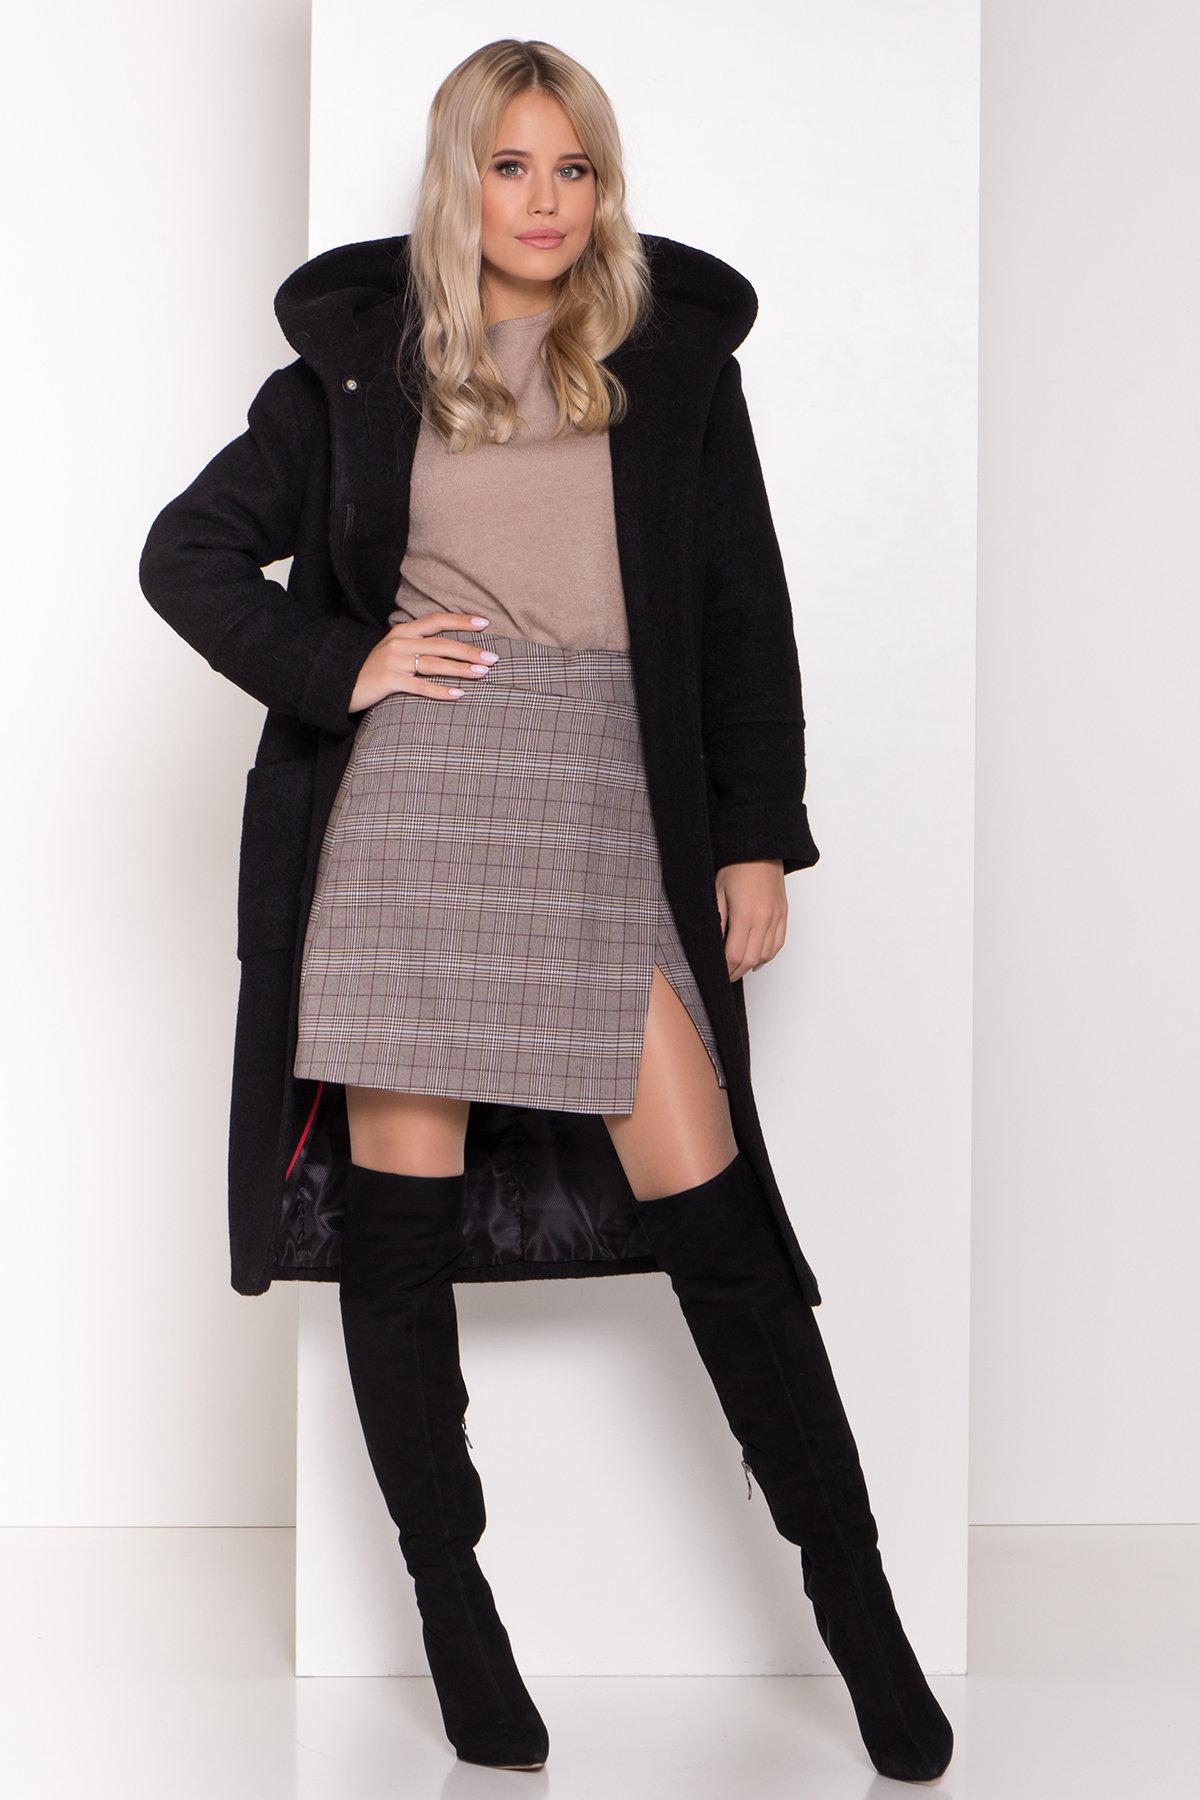 Пальто с капюшоном зимнее Анита 8327 АРТ. 44473 Цвет: Черный - фото 2, интернет магазин tm-modus.ru